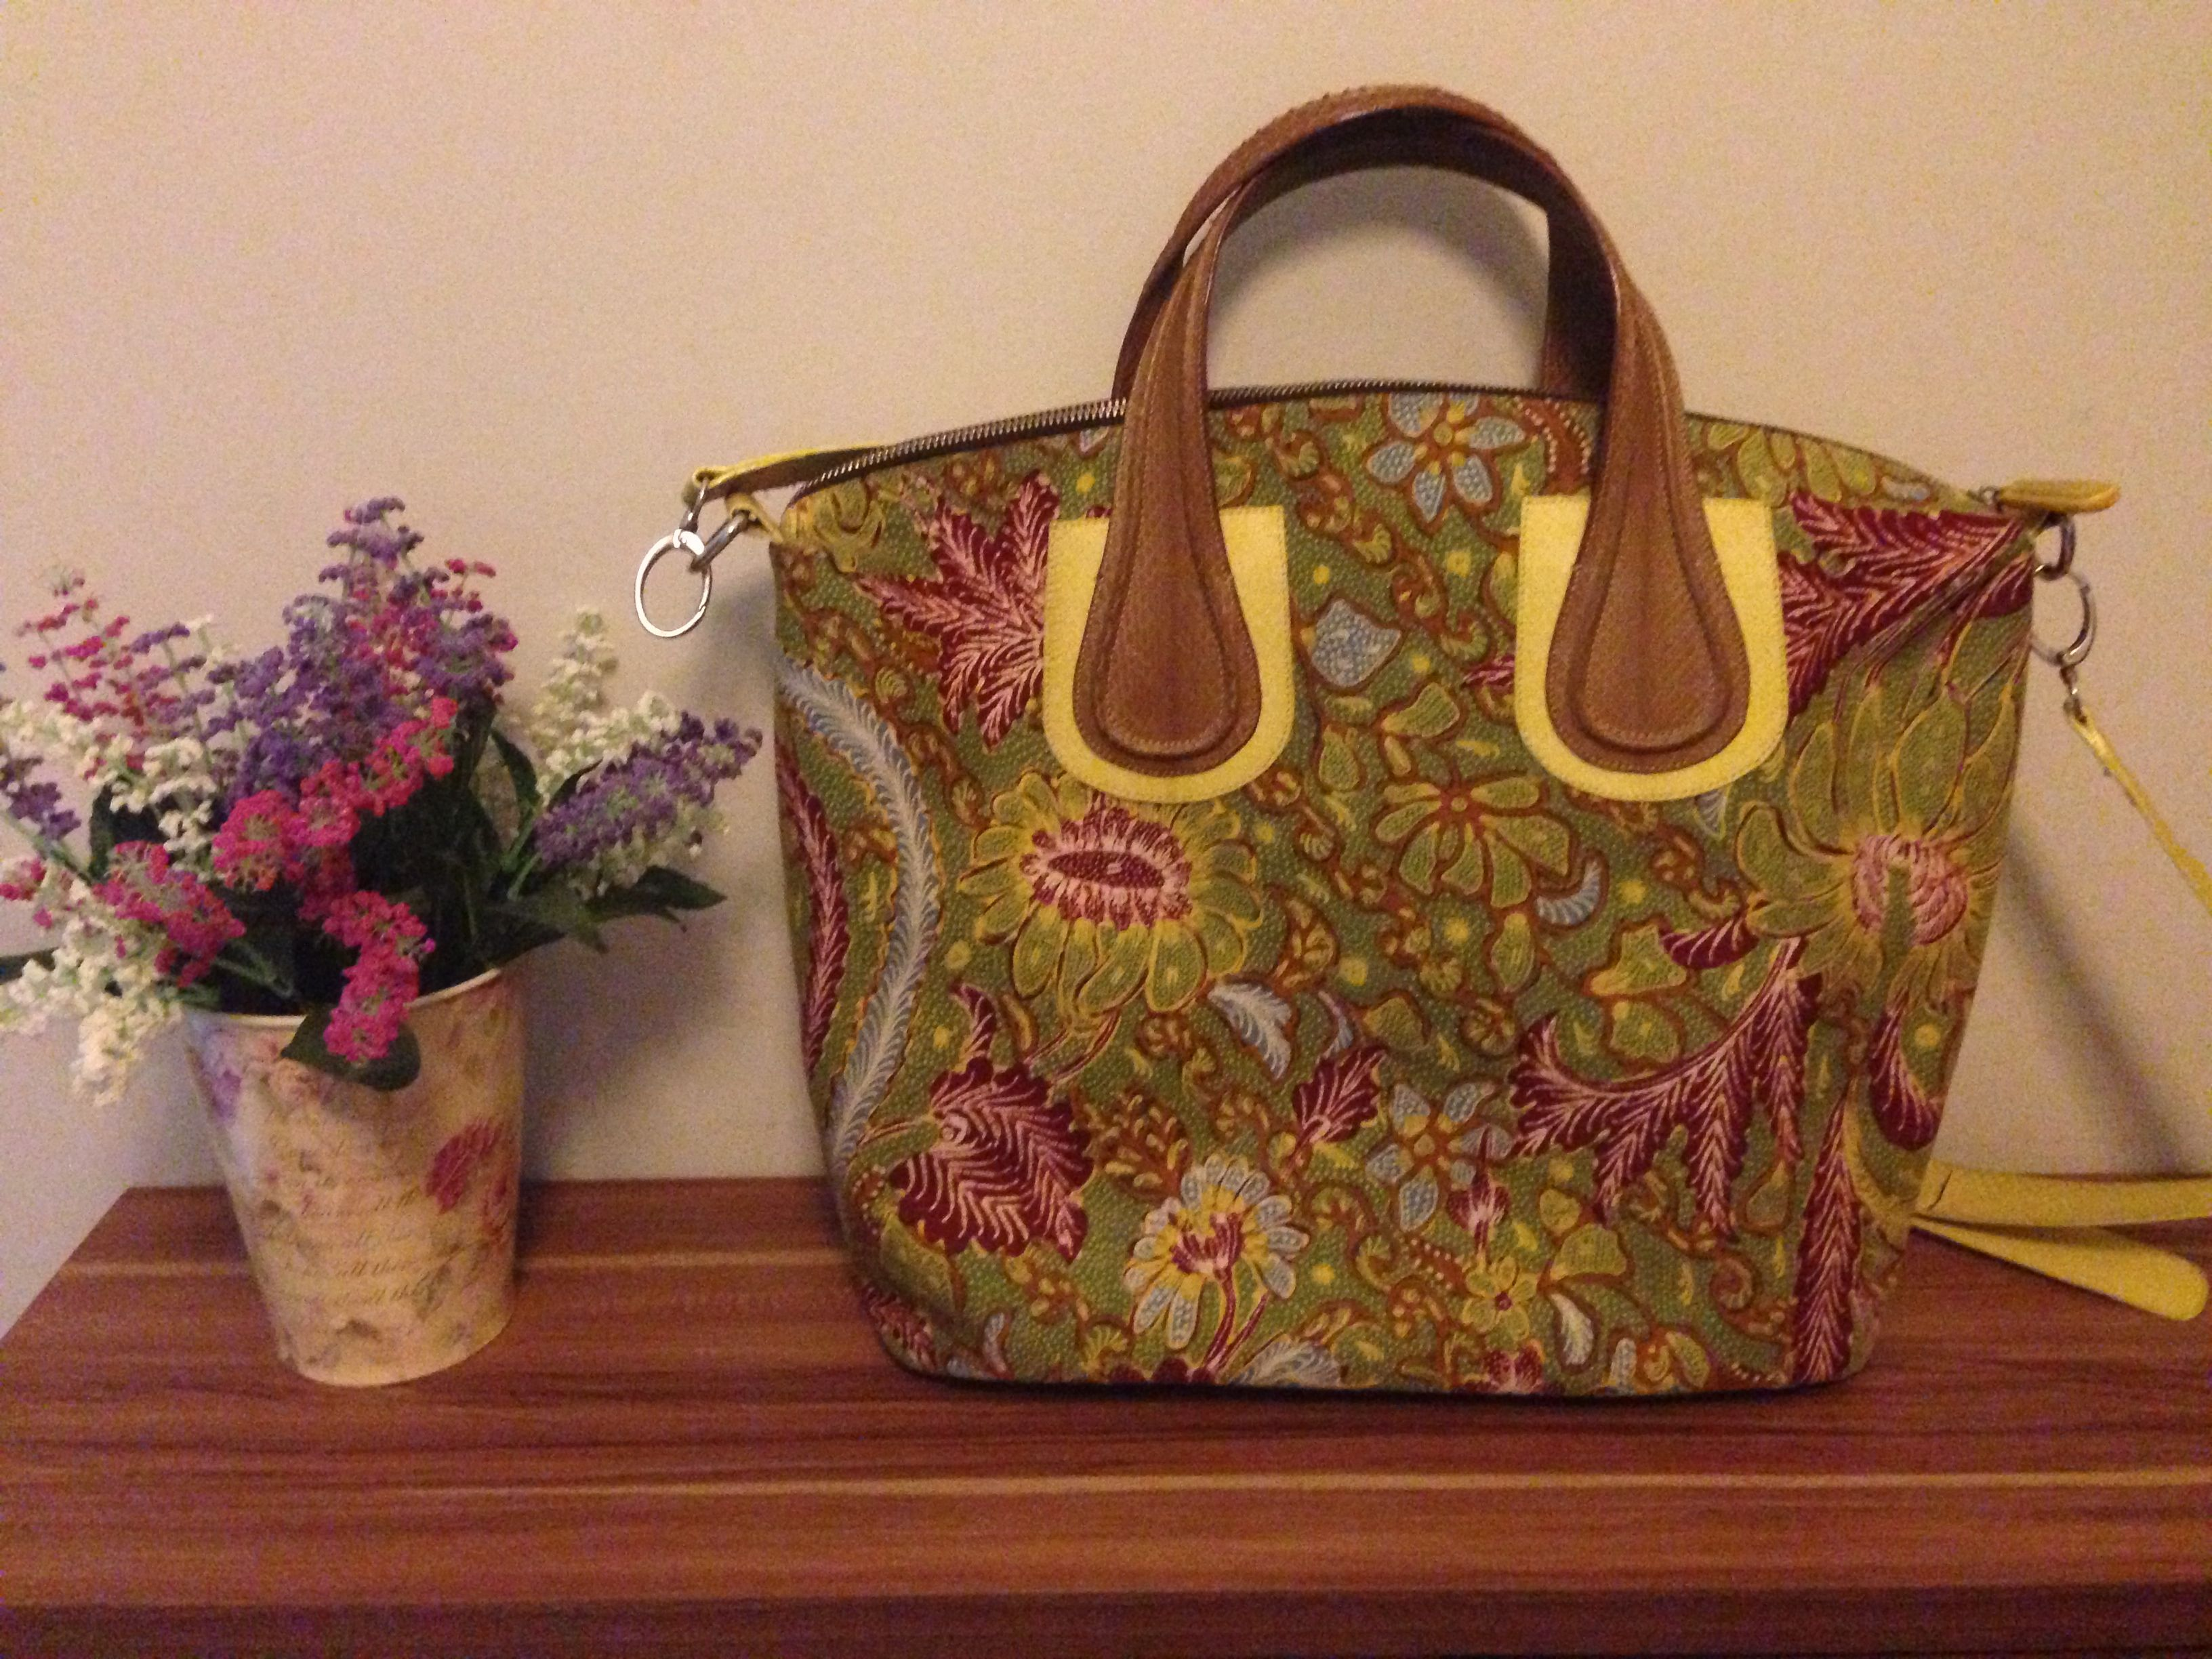 My Djenar from Kunthi Batik Bag Made from rare green Tiga Negeri handrawn batik I love this bag so much Indonesian batik